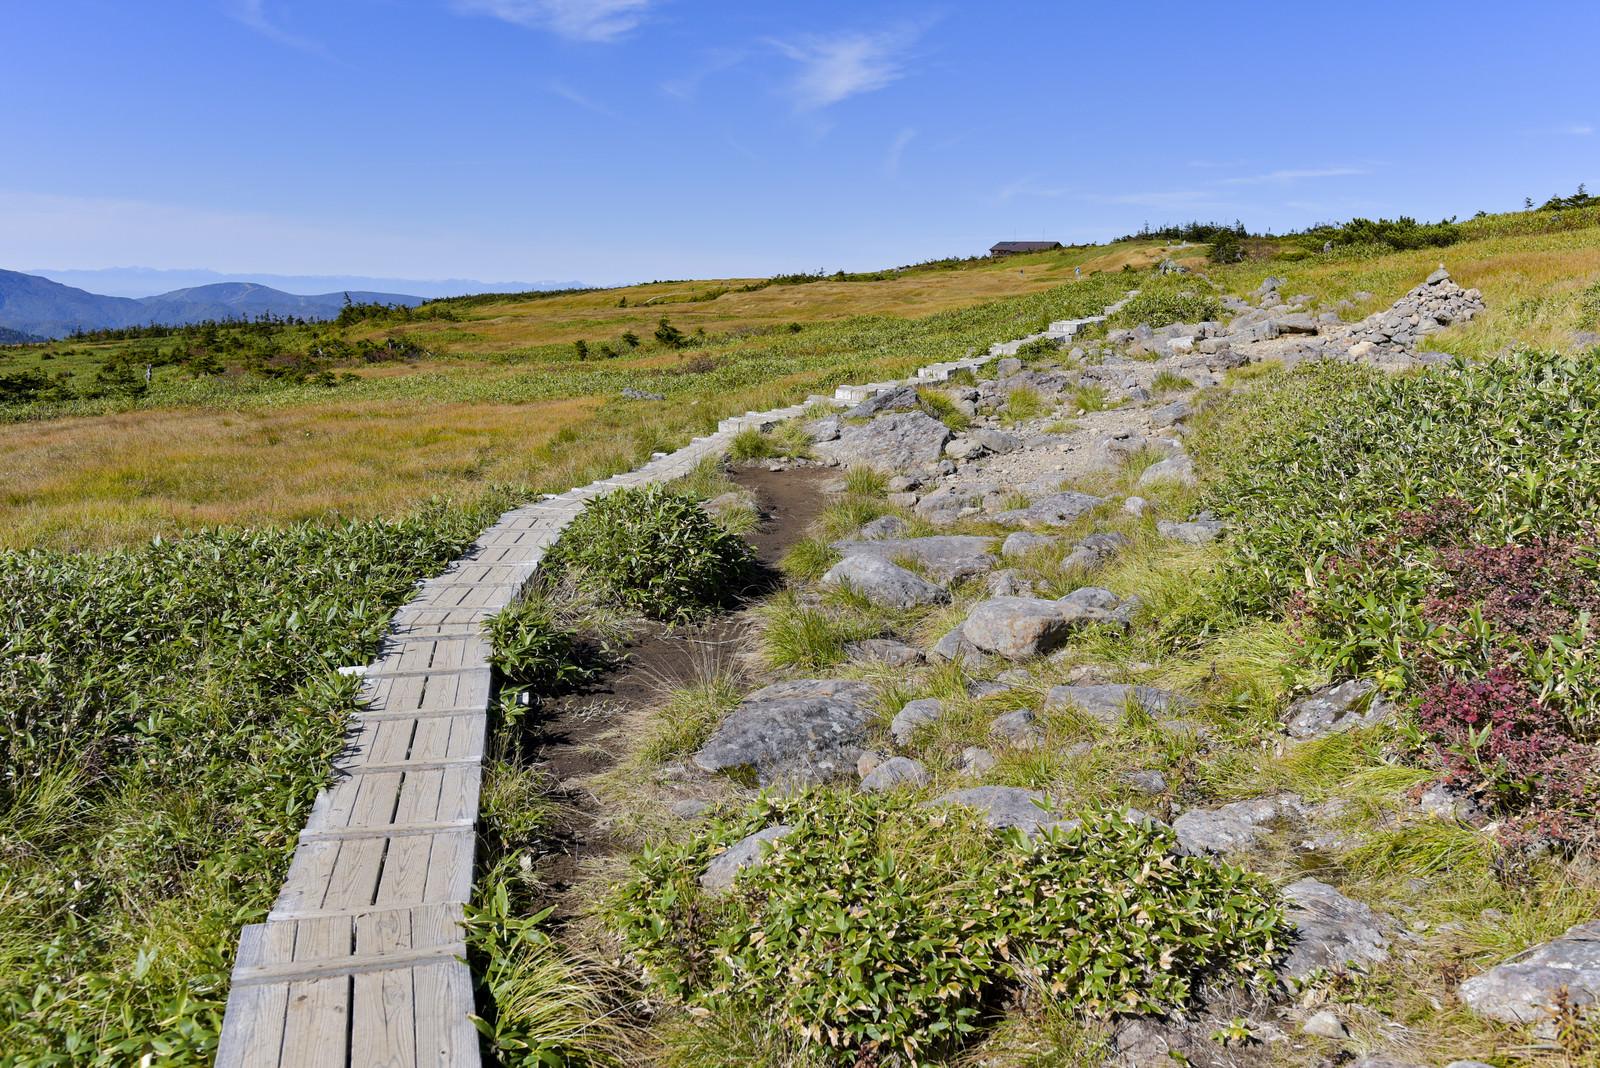 「苗場山山頂へと続く木道」の写真